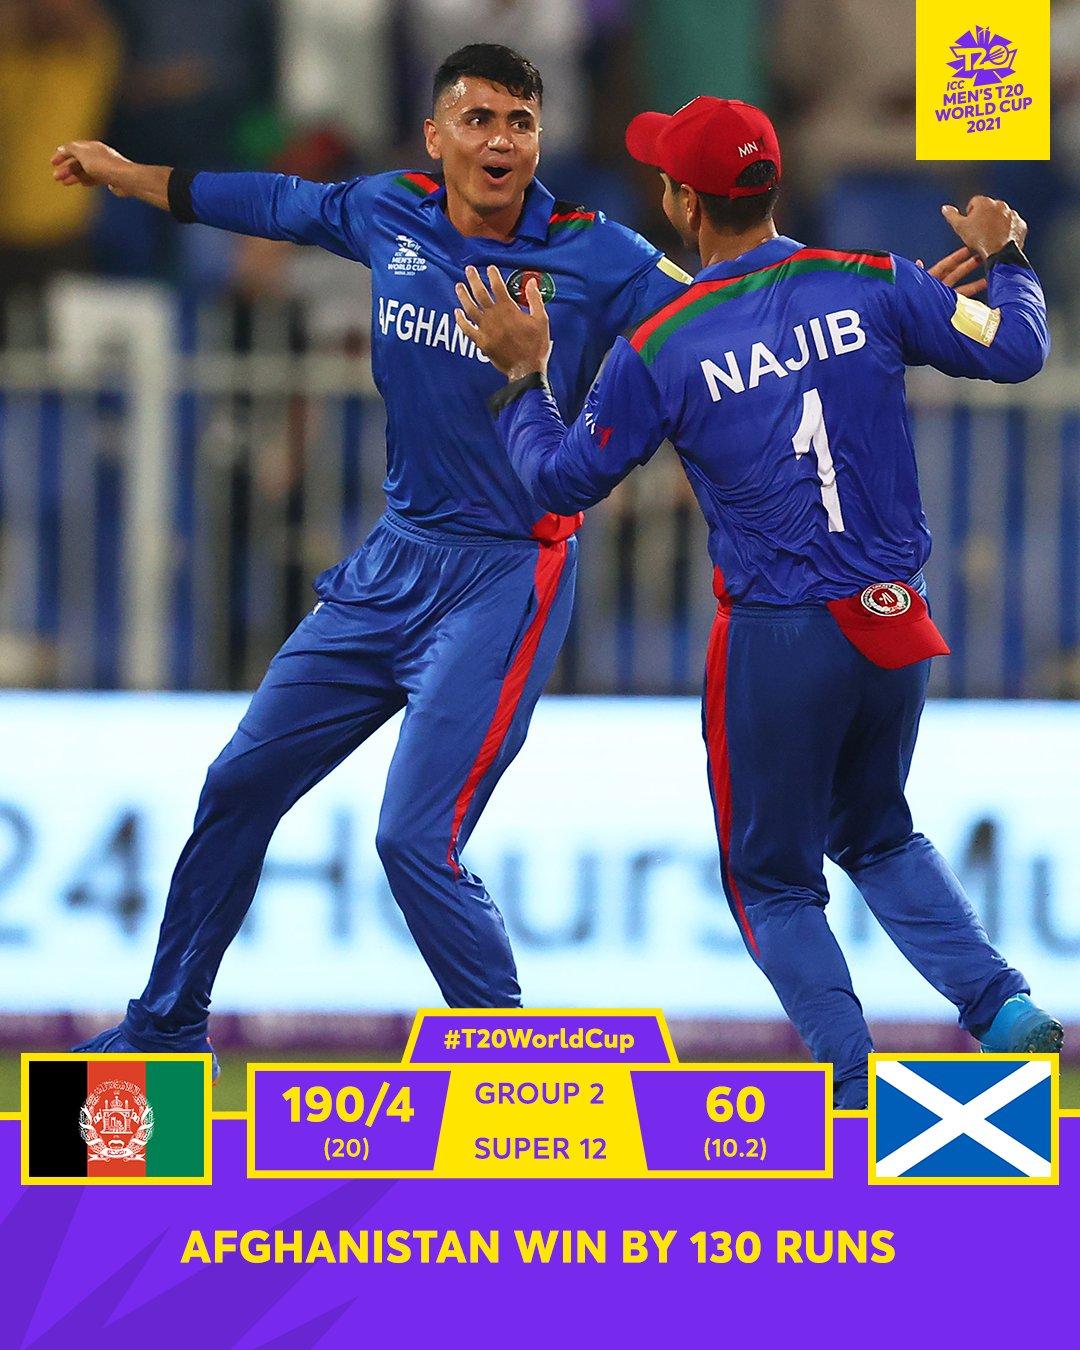 T-20 क्रिकेट विश्व कप में अफगानिस्तान ने अपने पहले मैच में स्कॉटलैंड को 130 रन को हराया